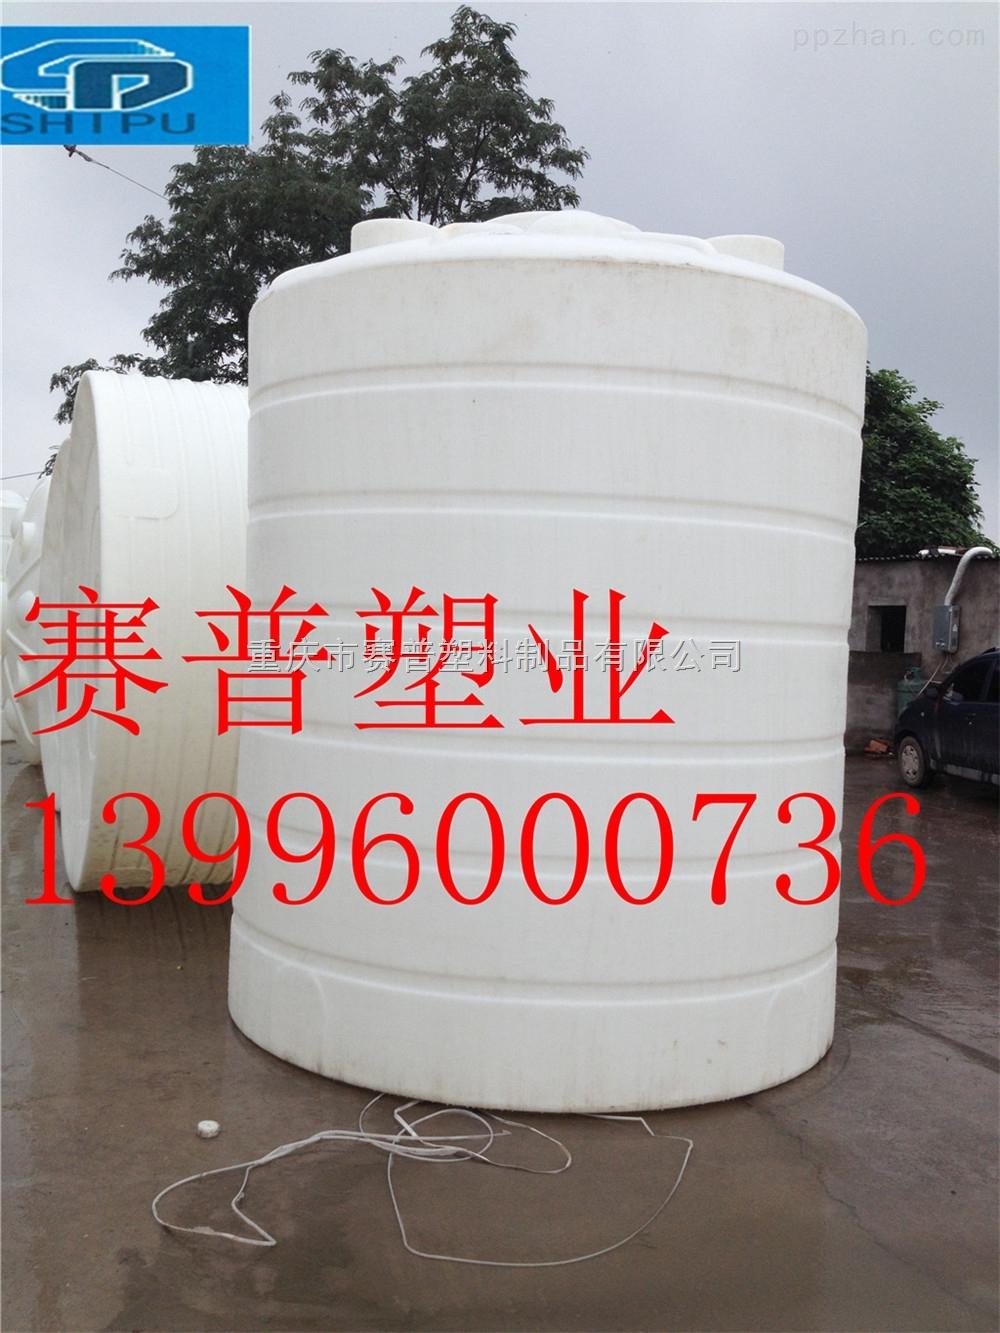 6吨通用化工储罐